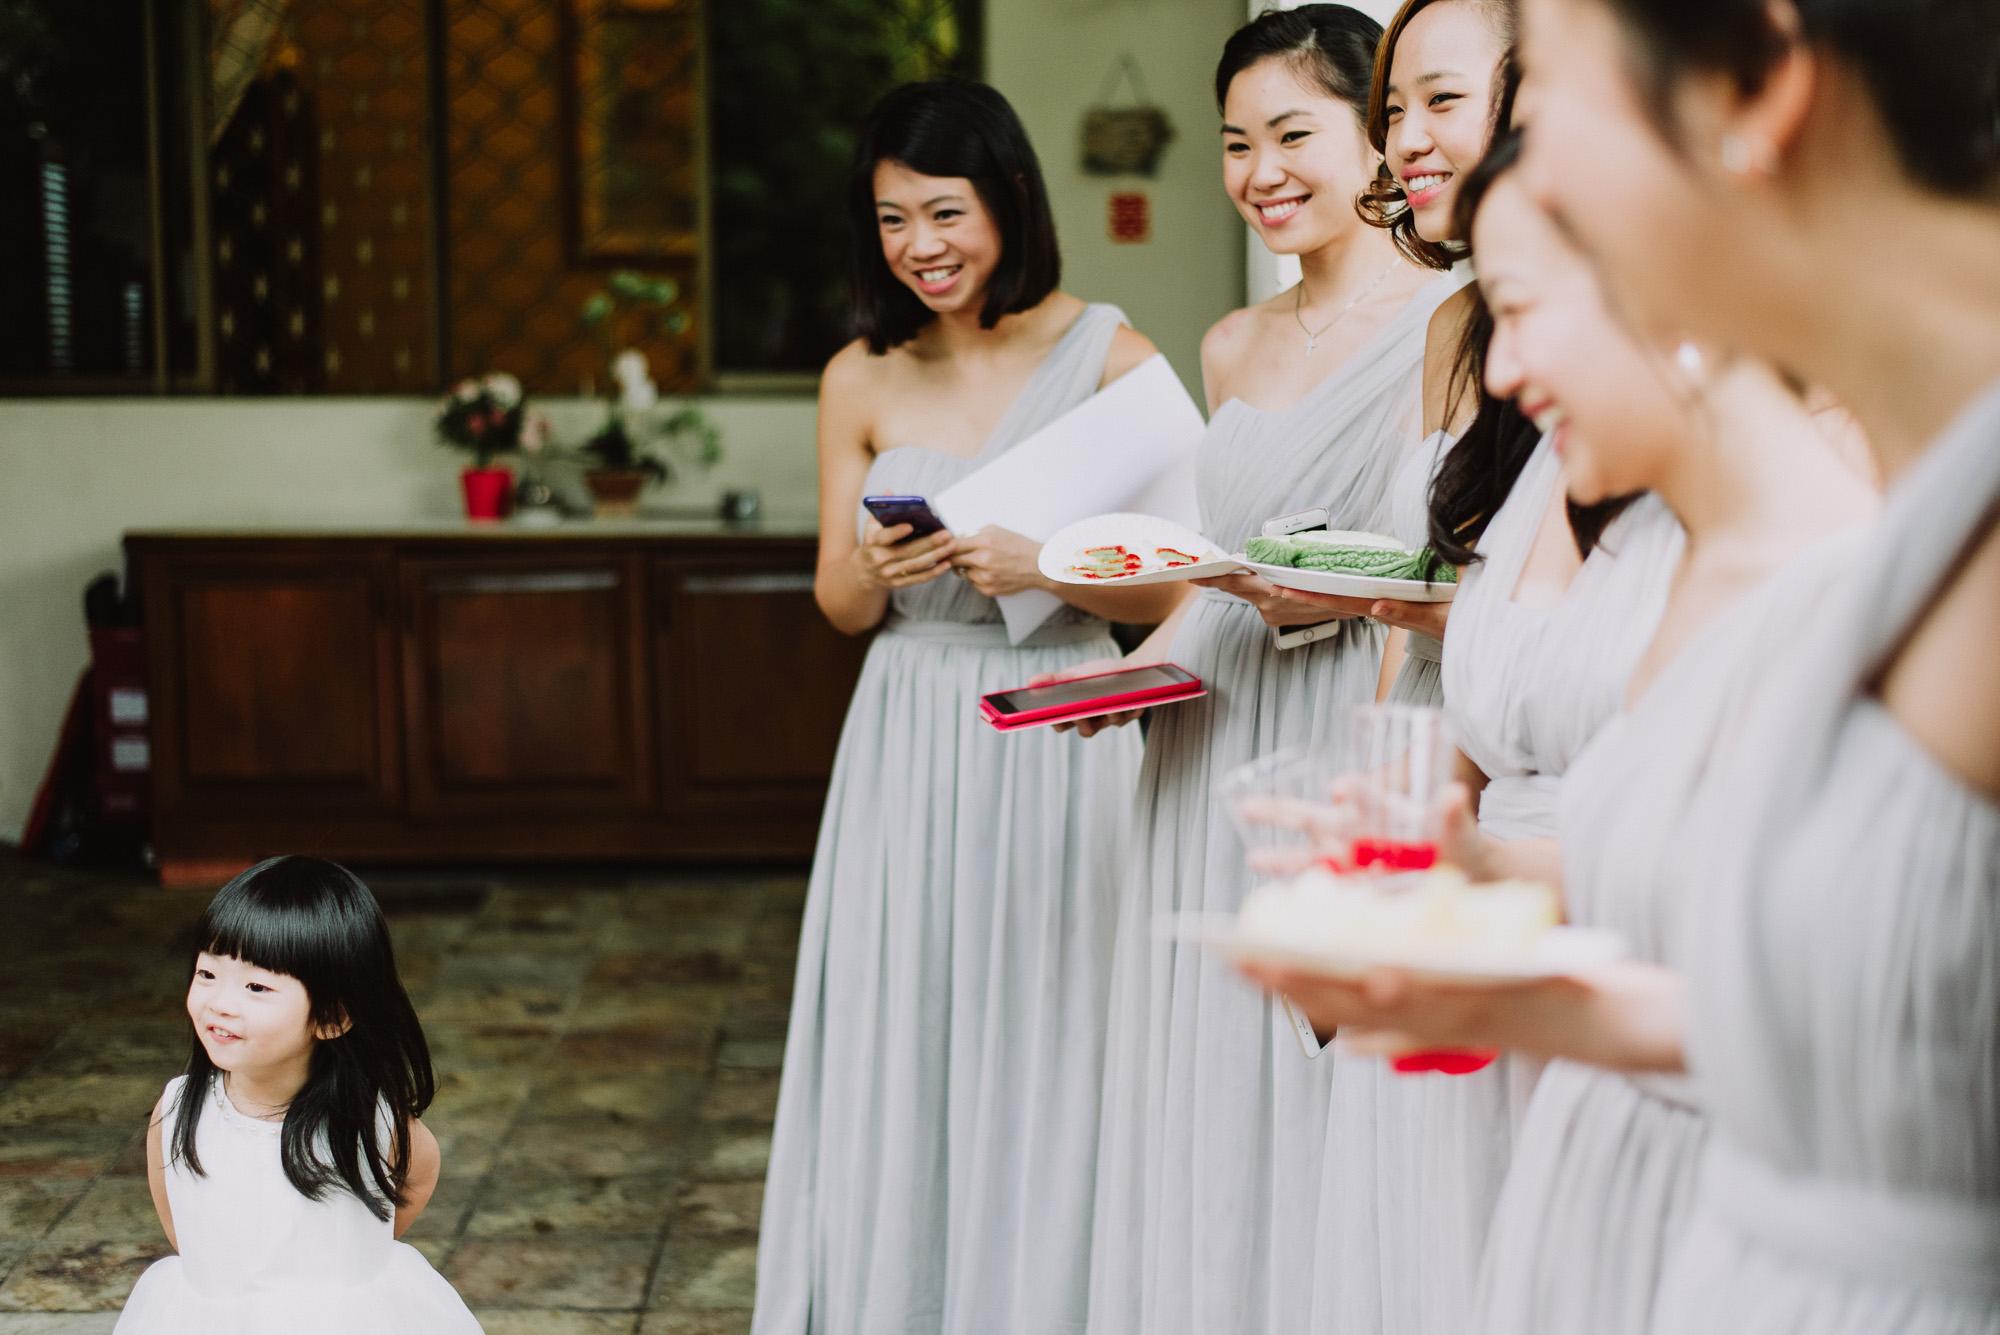 Singapore-wedding-photography-21